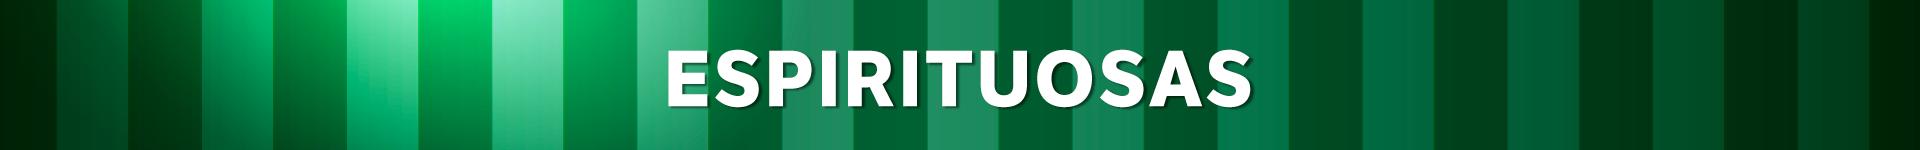 Banner Espirituosas 1